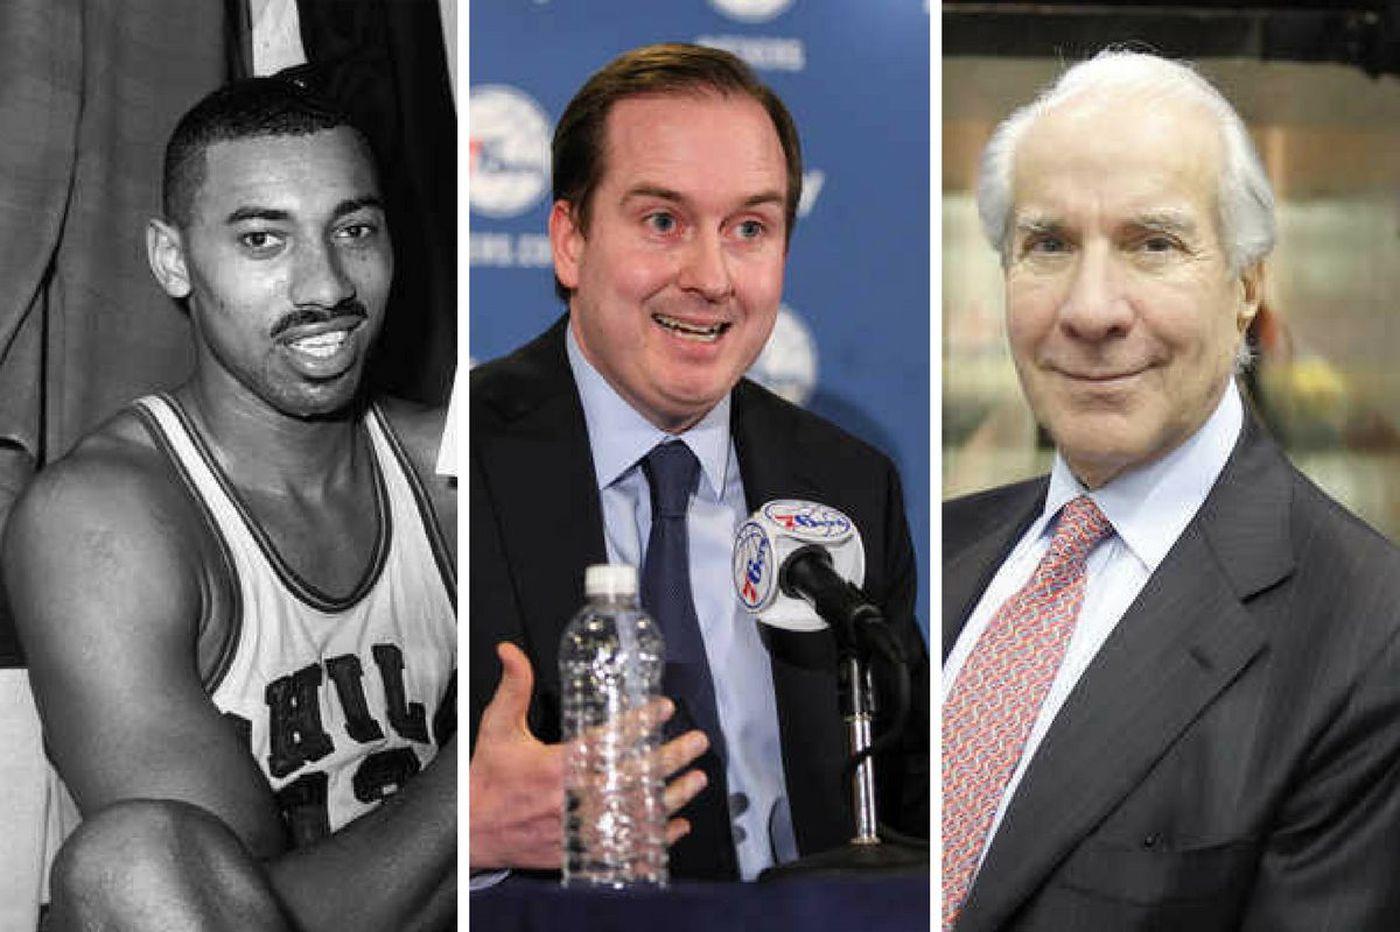 Rename Wells Fargo Center for Sam Hinkie? Ed Snider? Here's what Philadelphians suggest | Will Bunch